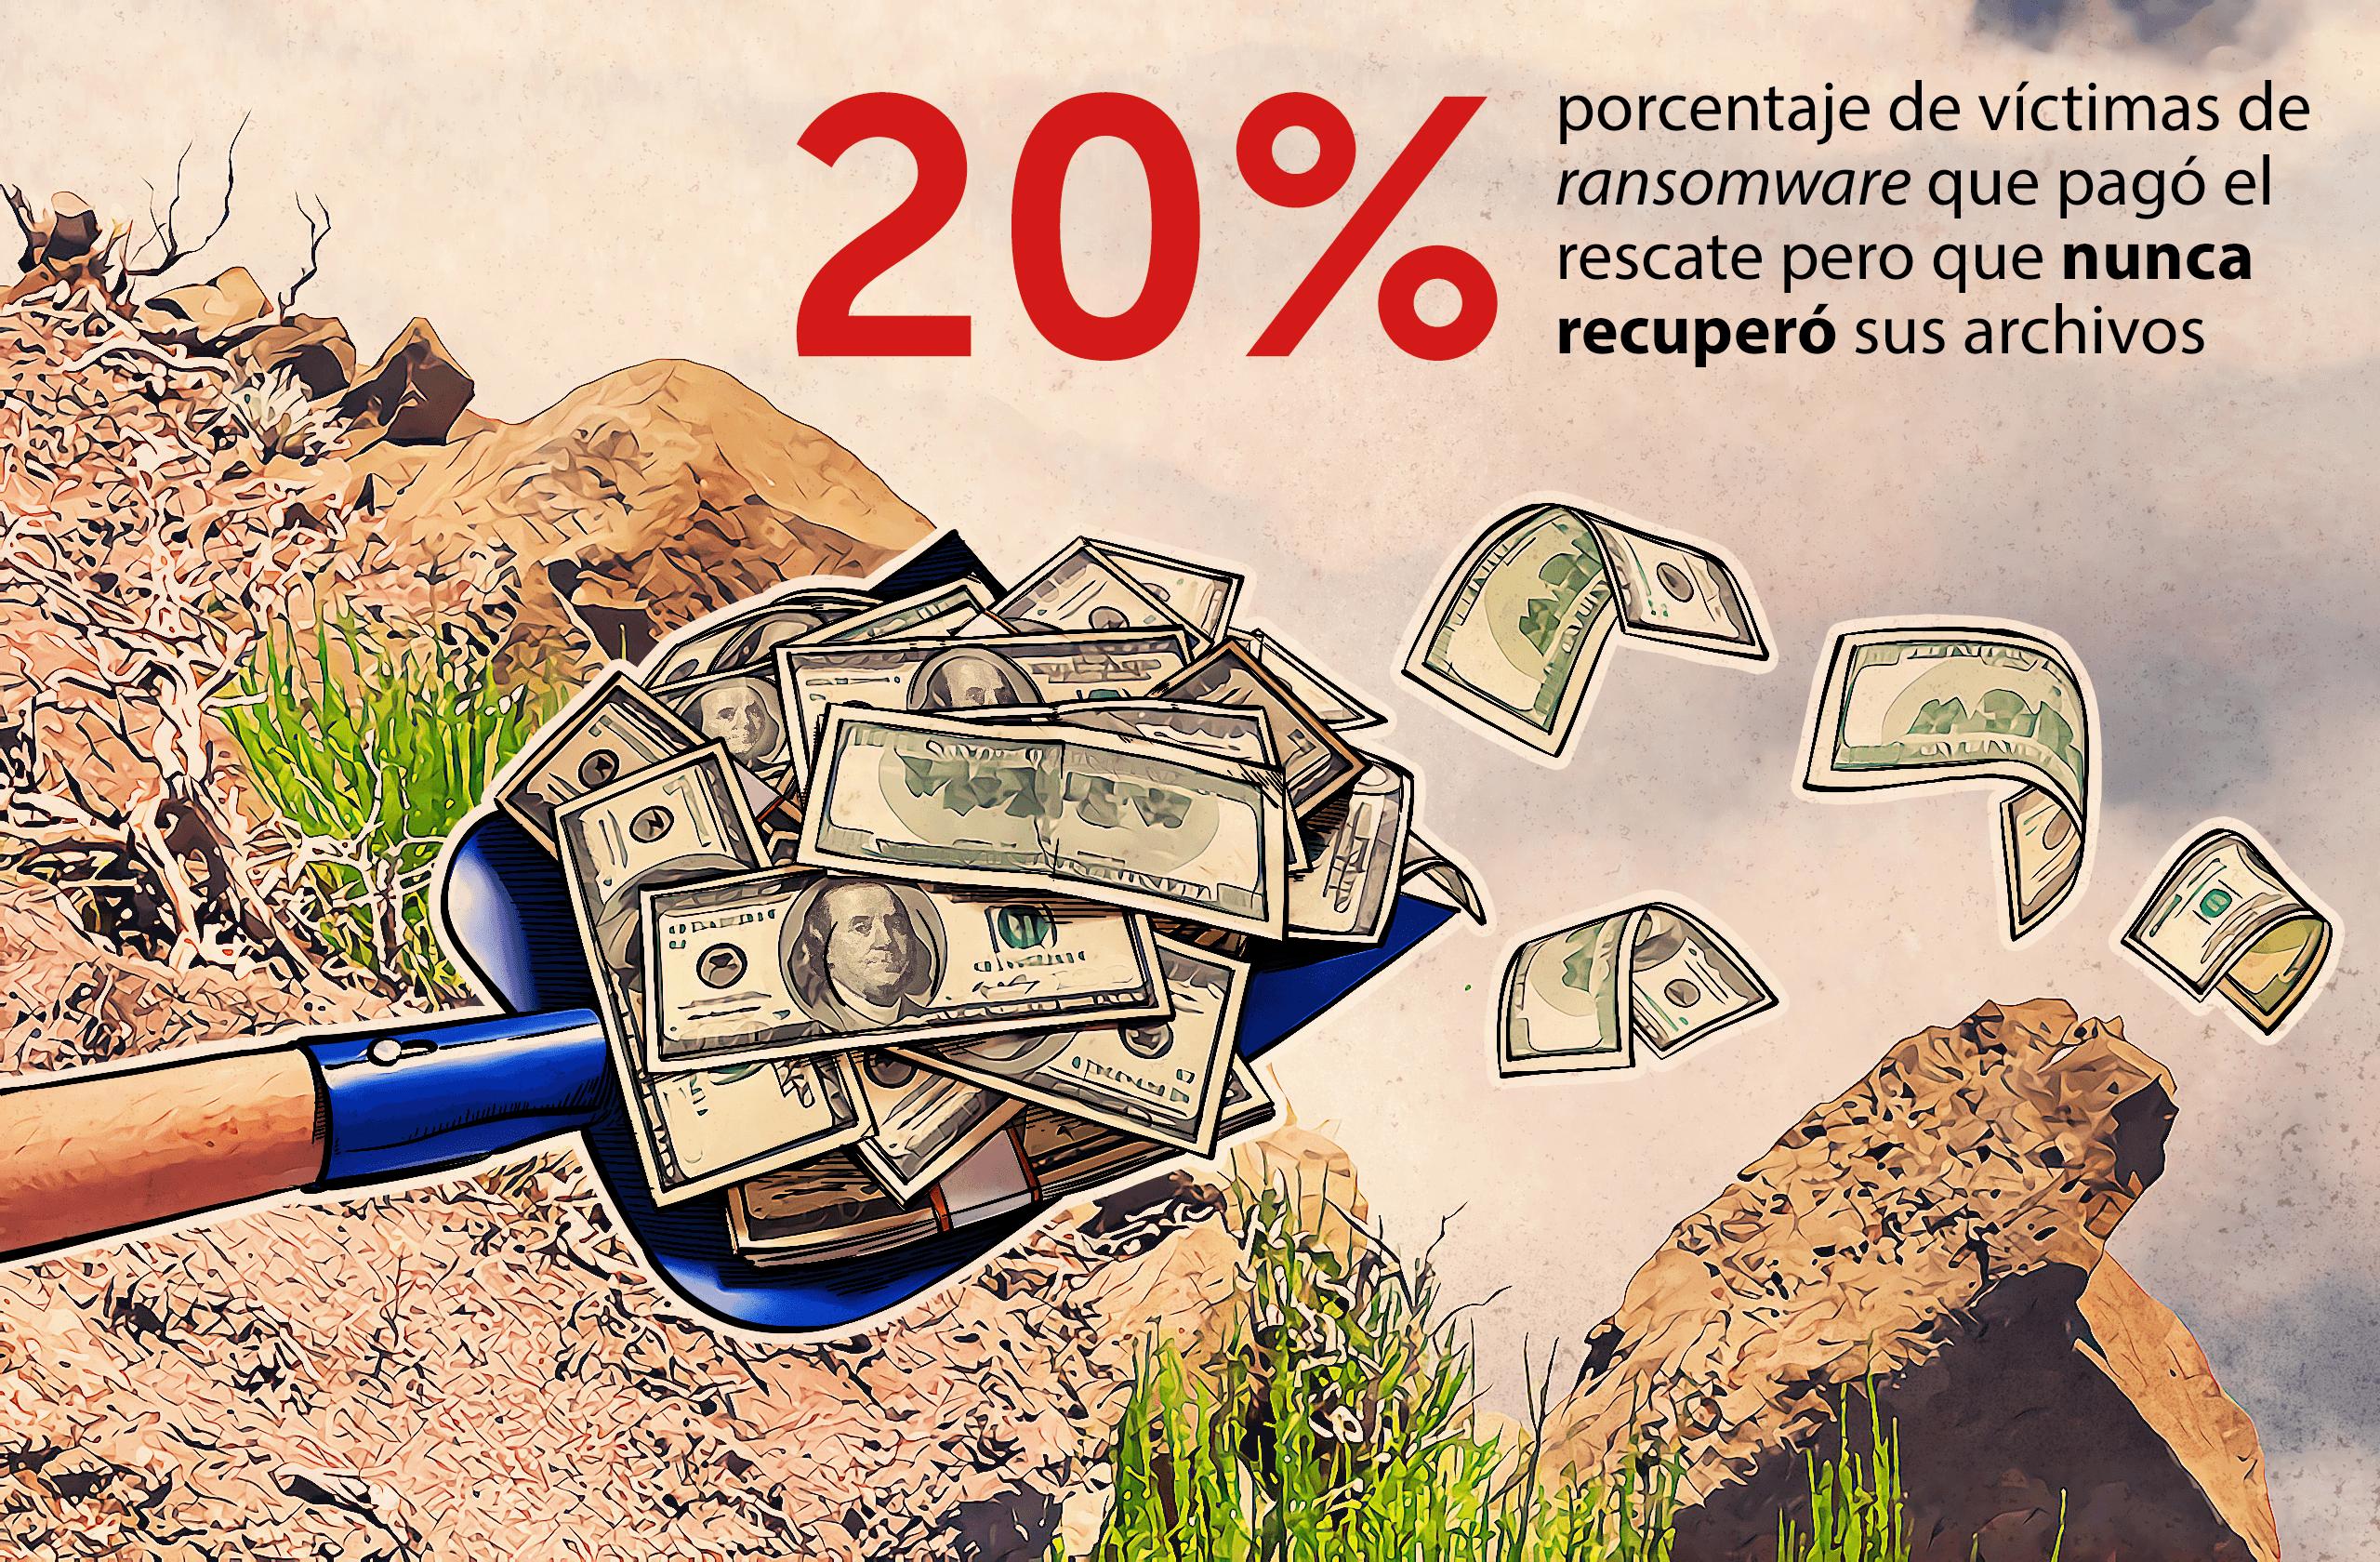 Jamás pagues un rescate: el 20% de las víctimas nunca obtuvo sus archivos de vuelta.